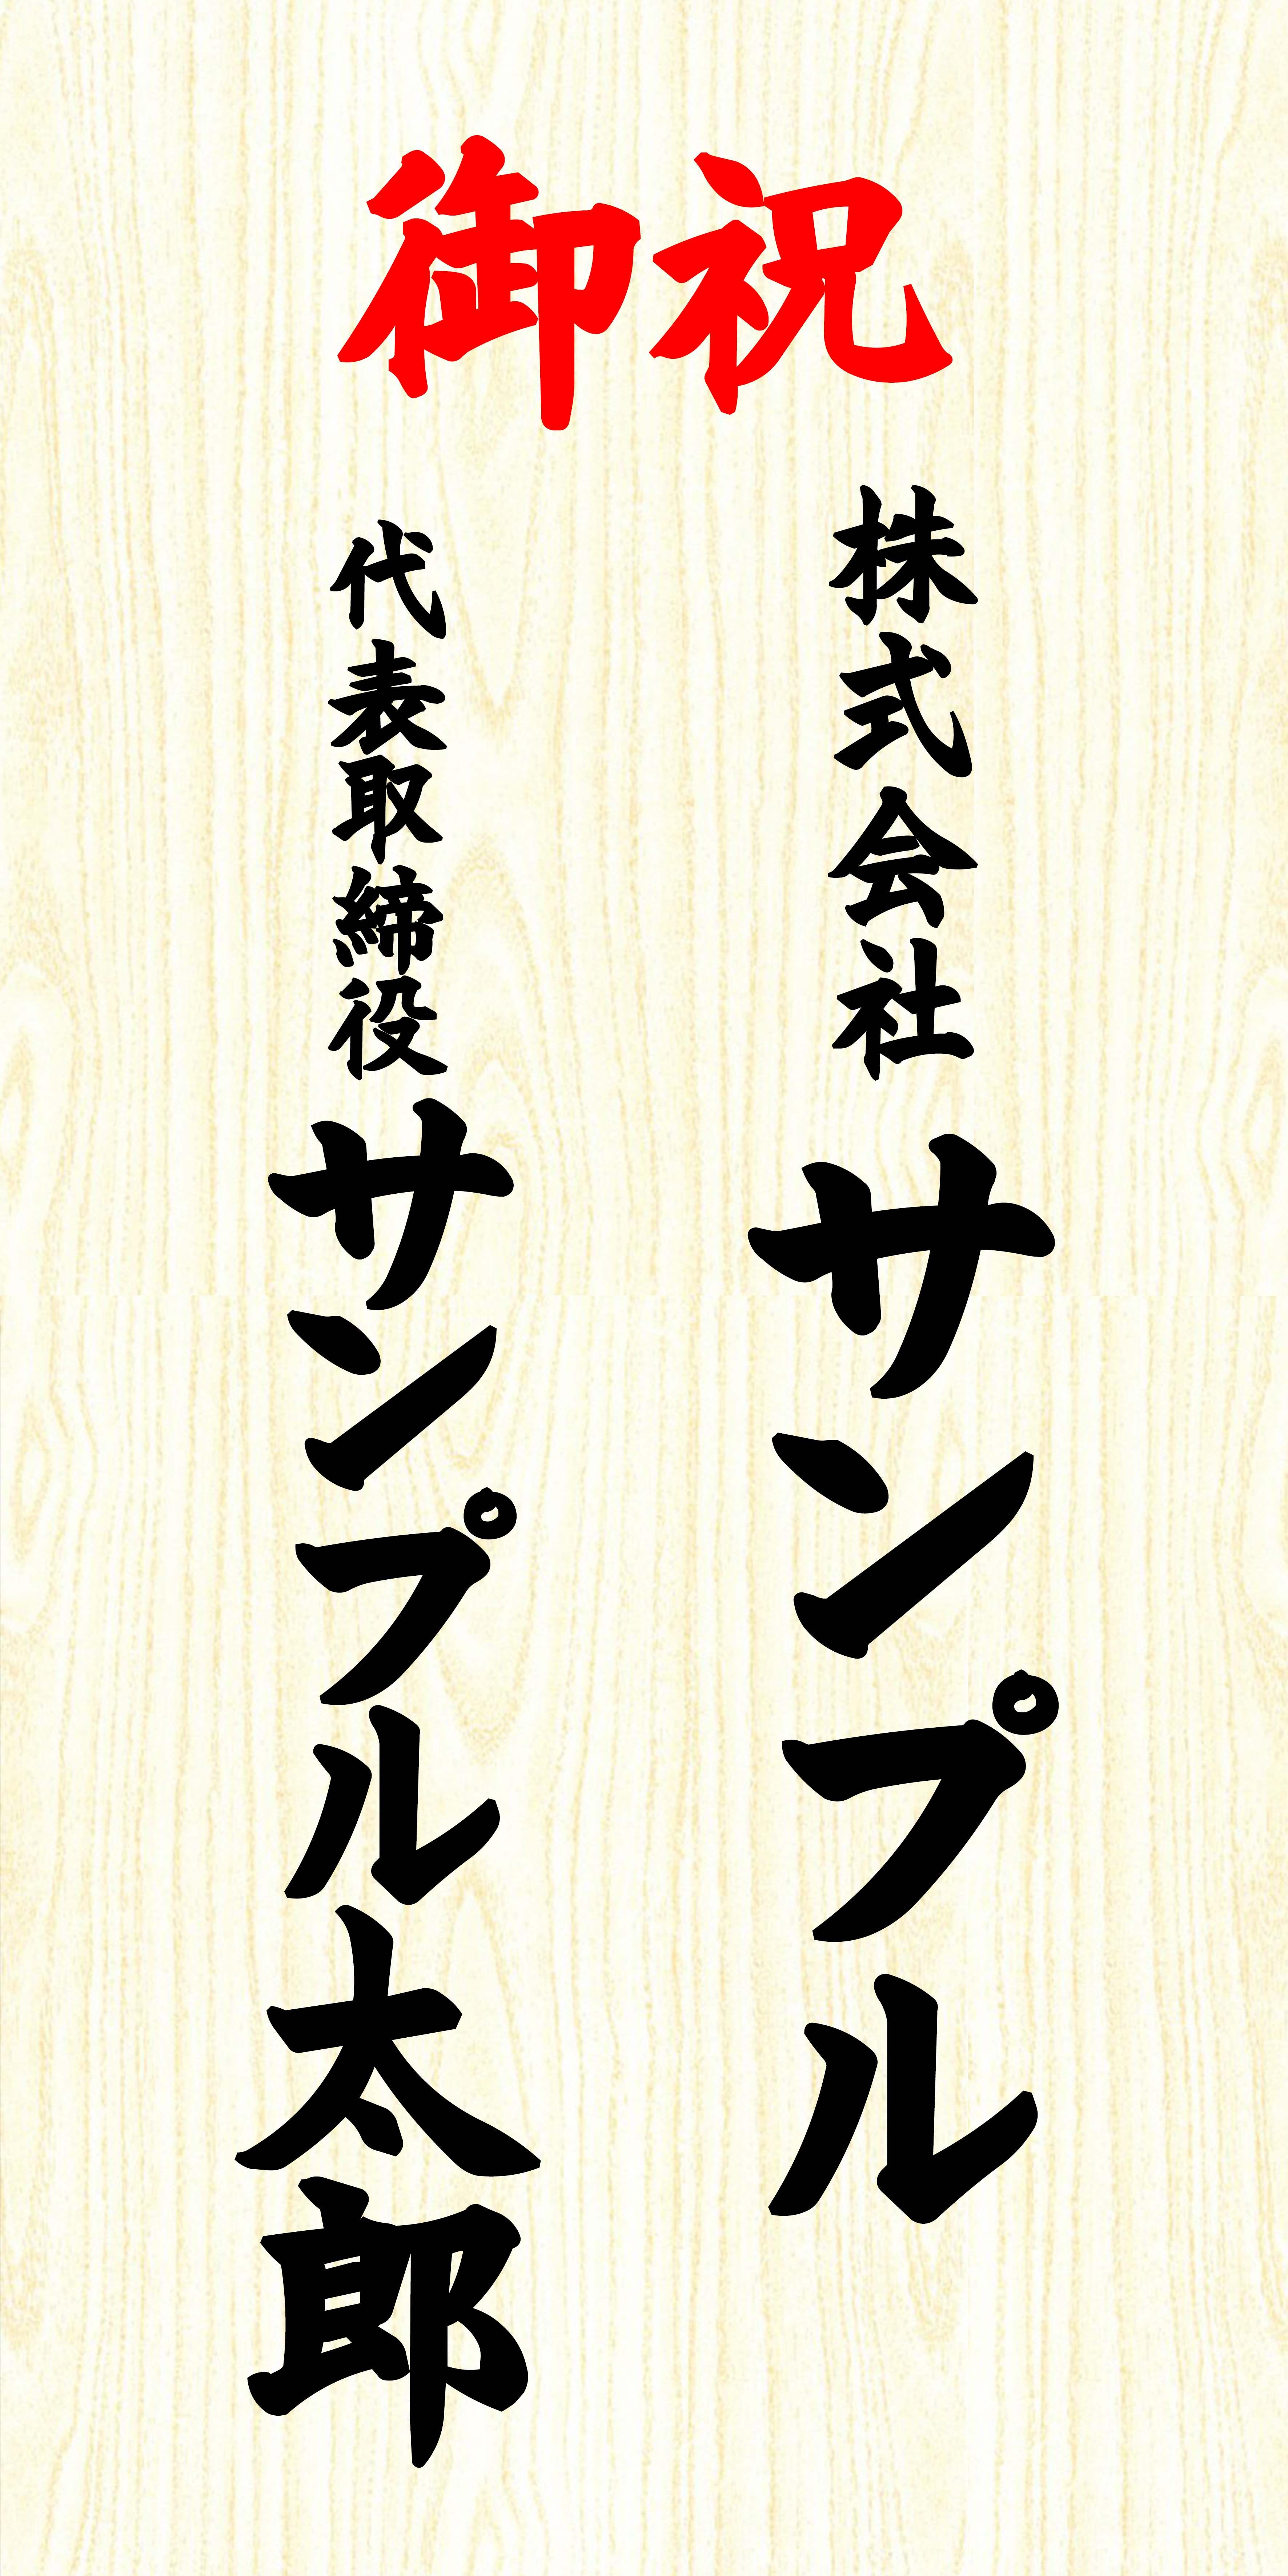 縦書きスタンド花用木目御名札